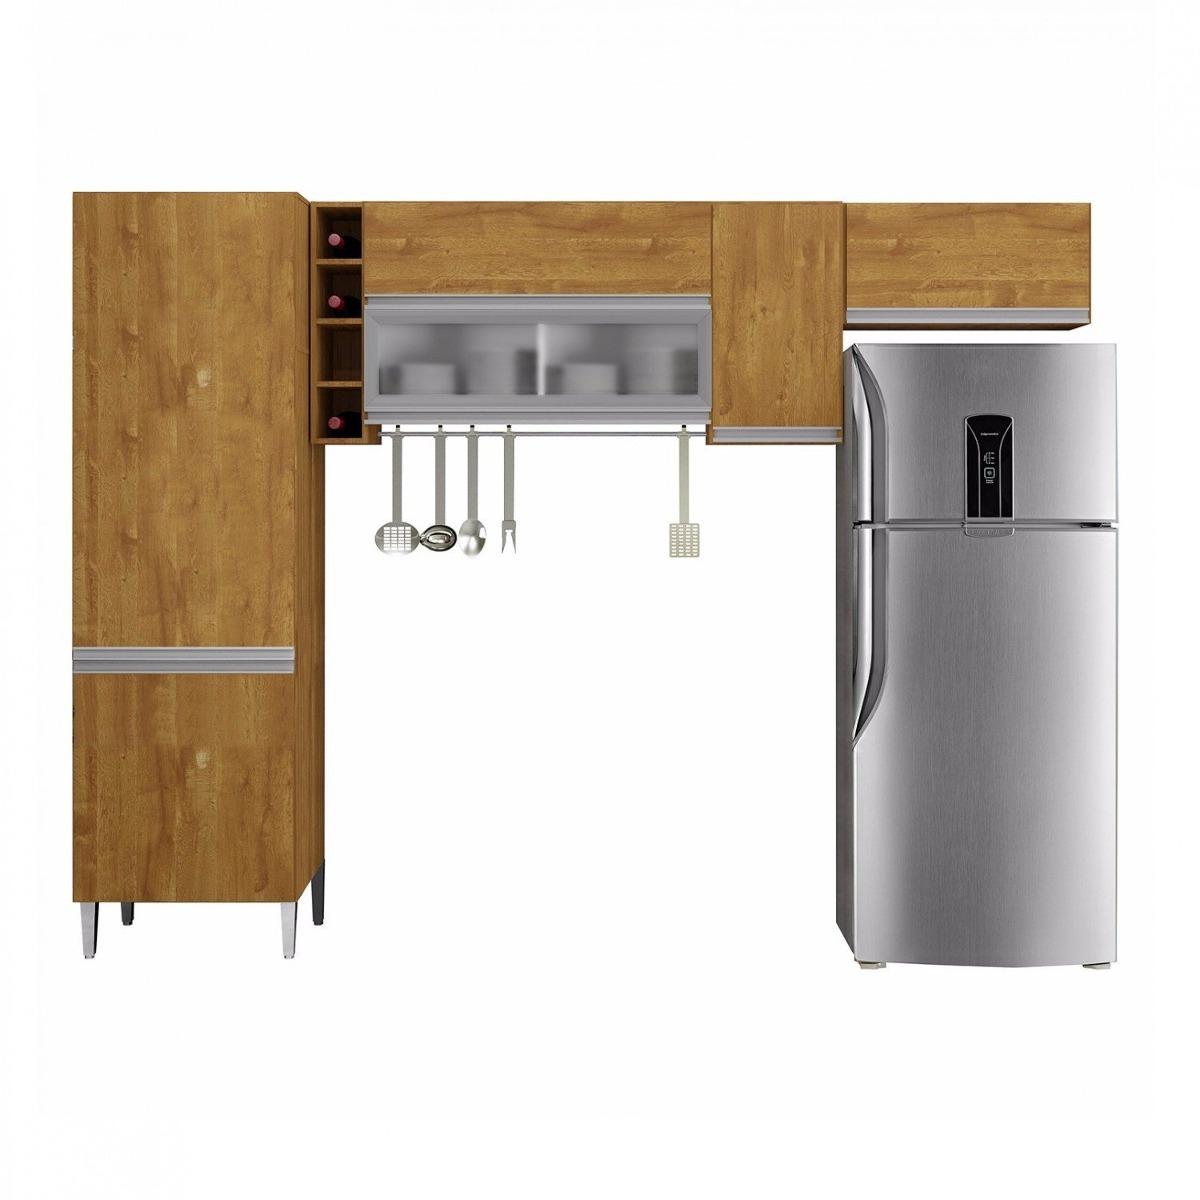 Cozinha Compacta 3 Pe As 6 Portas Bano Chf N O Dwt R 729 50 Em